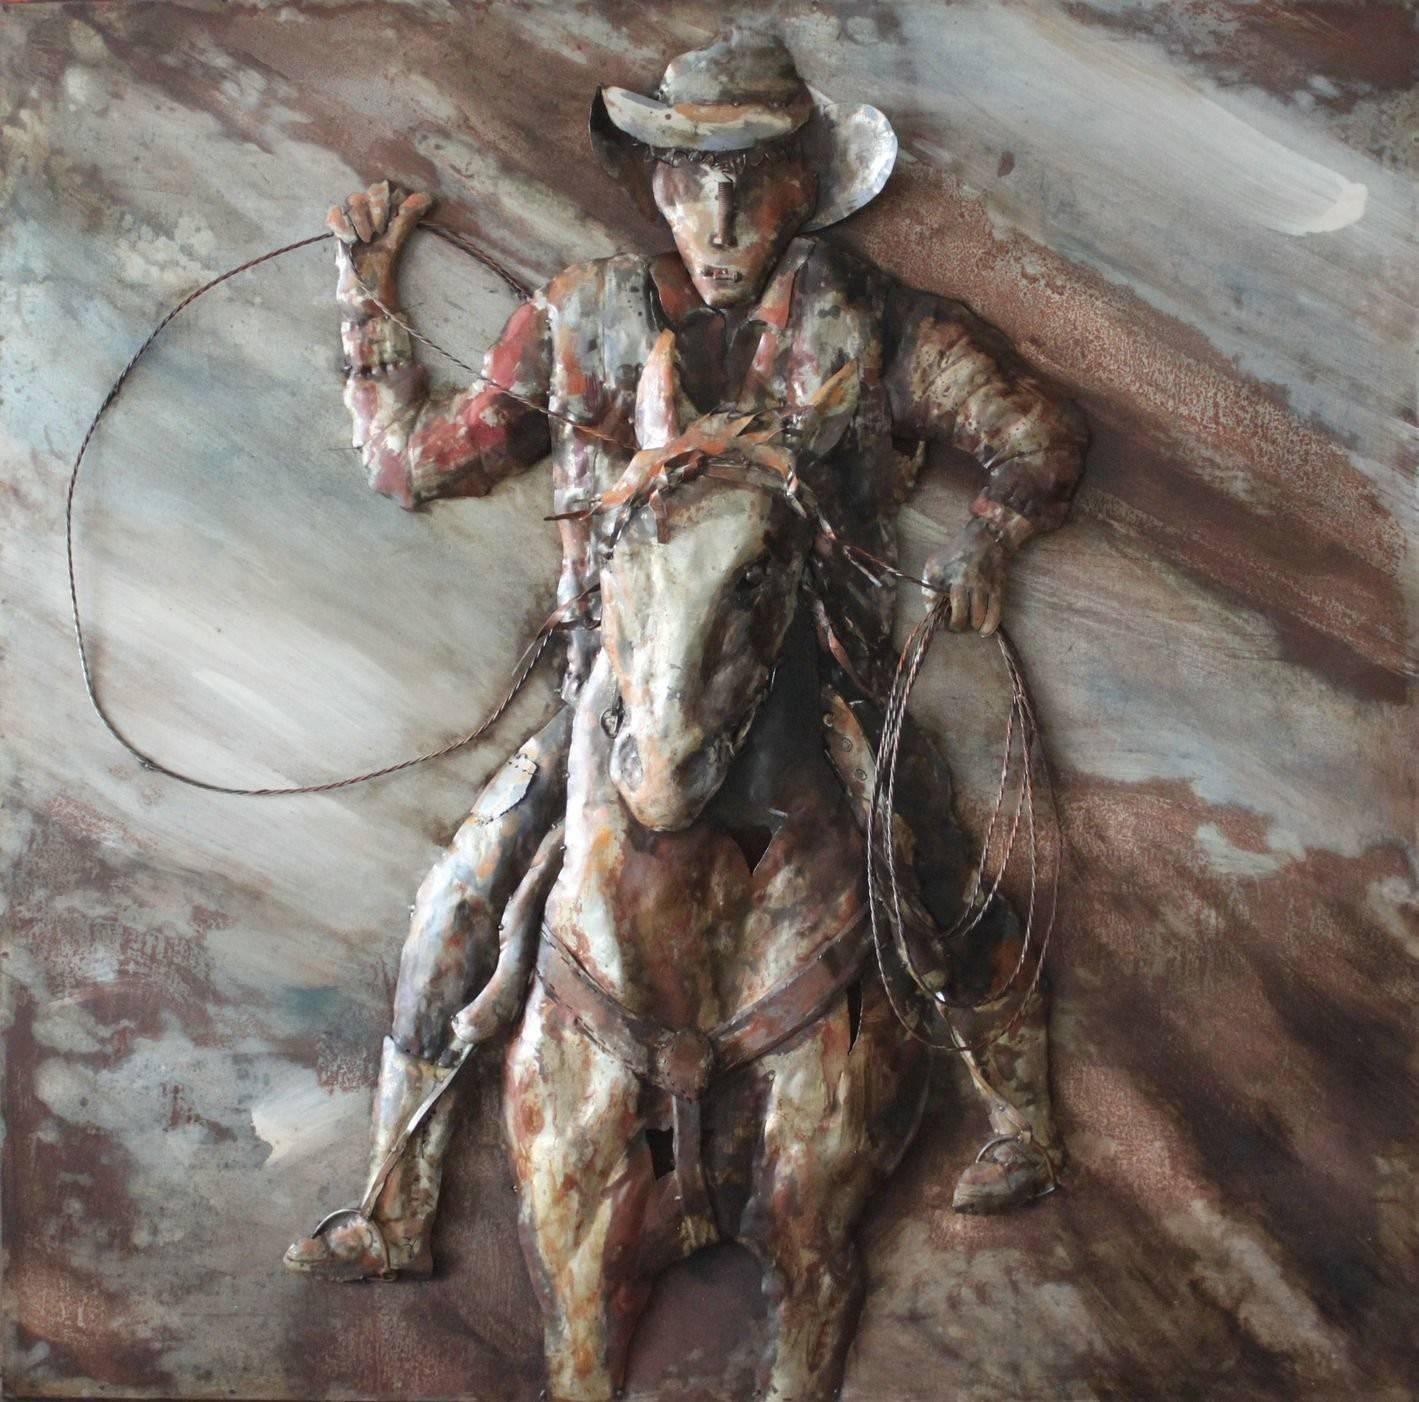 Cowboy Horse Front 3d Metal Wall Art Hand Painted – Metal Wall Art Throughout Latest Cowboy Metal Wall Art (View 2 of 20)